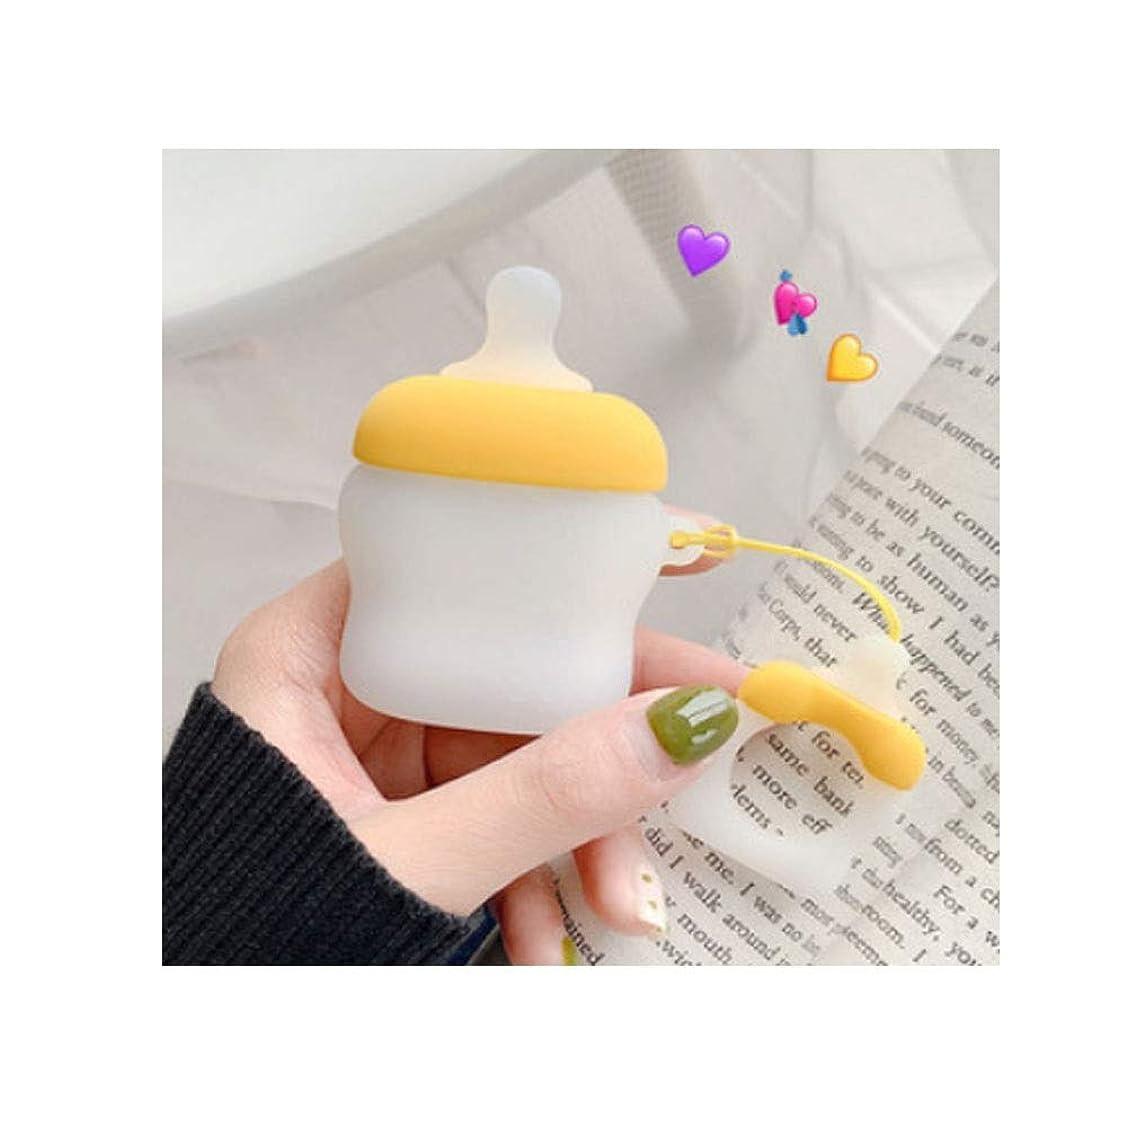 子供時代資料哀Youshangshipin001 ヘッドフォンカバー、創造的なかわいいボトルニップルAirPodイヤホンセット、パーソナライズカップルの落下防止と耐久性のあるスタイル(黄色、から選択する色の様々な) シンプルでかっこいい (Color : Yellow)